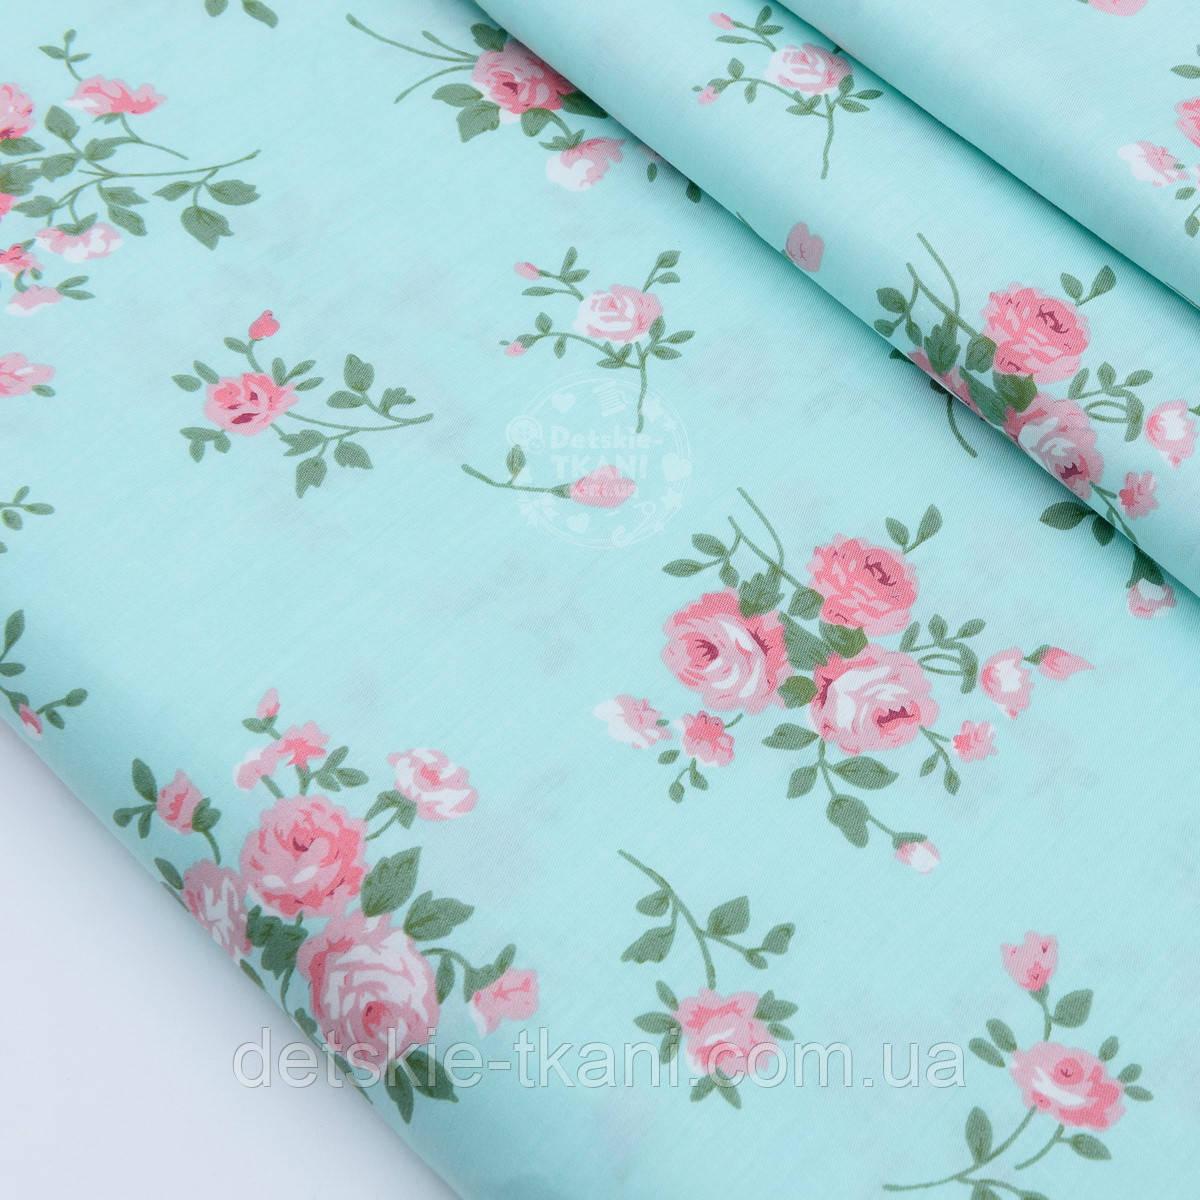 """Сатин ткань """"Веточки розовых роз"""" на мятно-бирюзовом №1737с"""